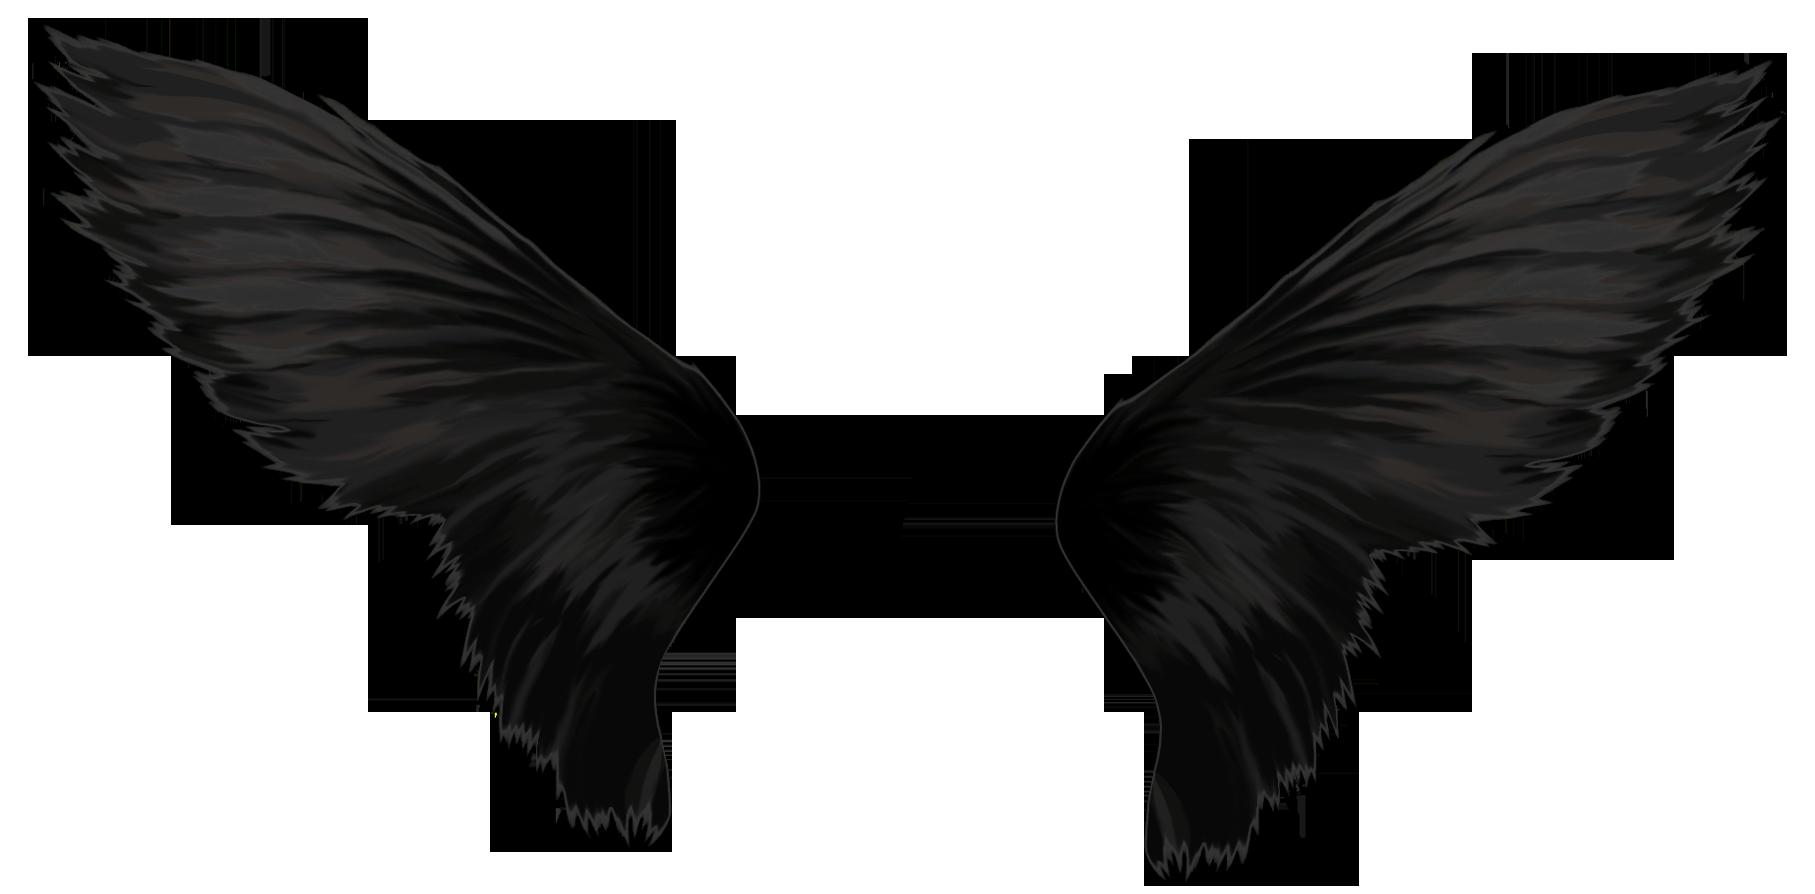 Pin By Charudeal On Render Wings Png Black Angel Wings Angel